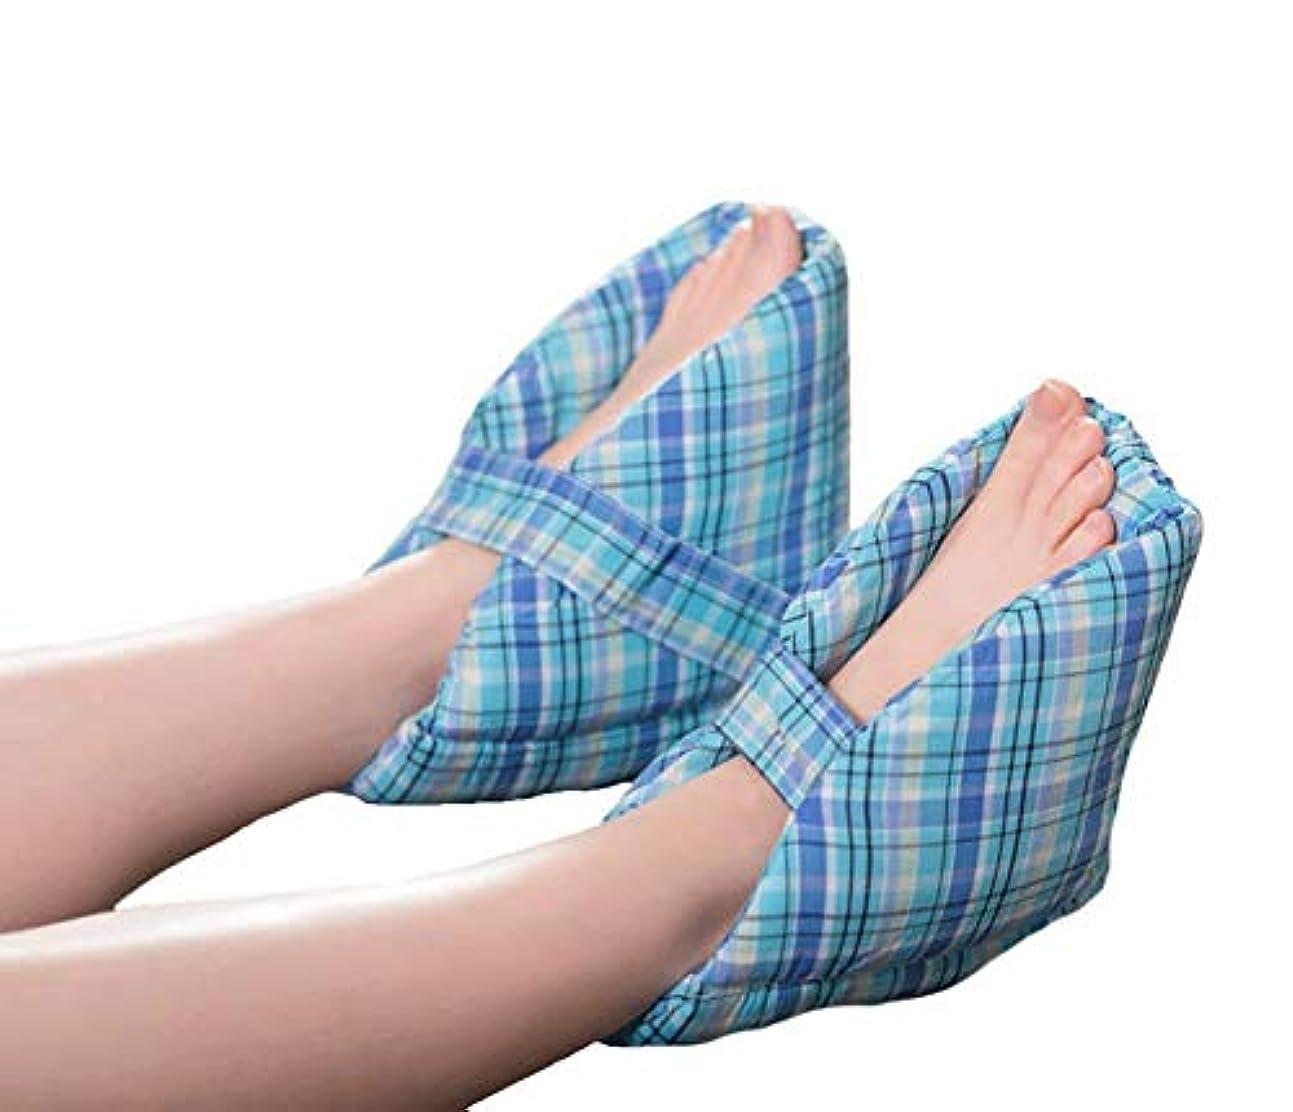 完全に乾く知覚クラウンかかとプロテクター枕、足補正カバー、効果的なPressure瘡とかかと潰瘍の救済、腫れた足に最適、快適なかかと保護足枕、1ペア